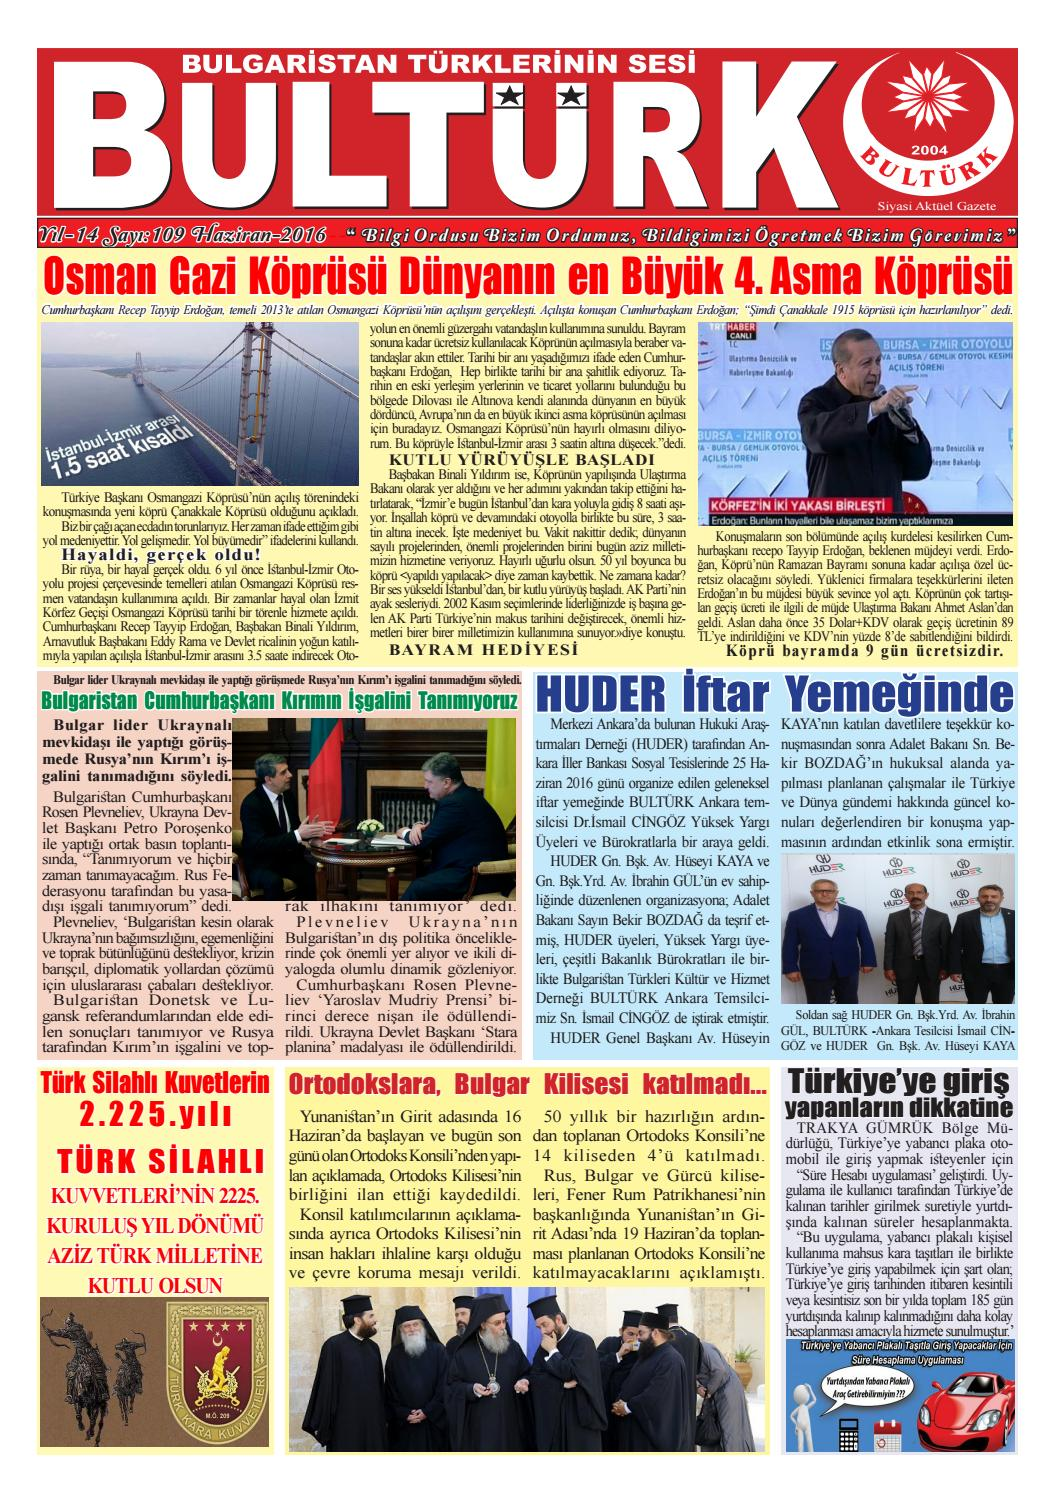 Poroşenko'nun yeni hayali: Kırım'ı geri alıp Kırım Köprüsü'nü kullanmak 44